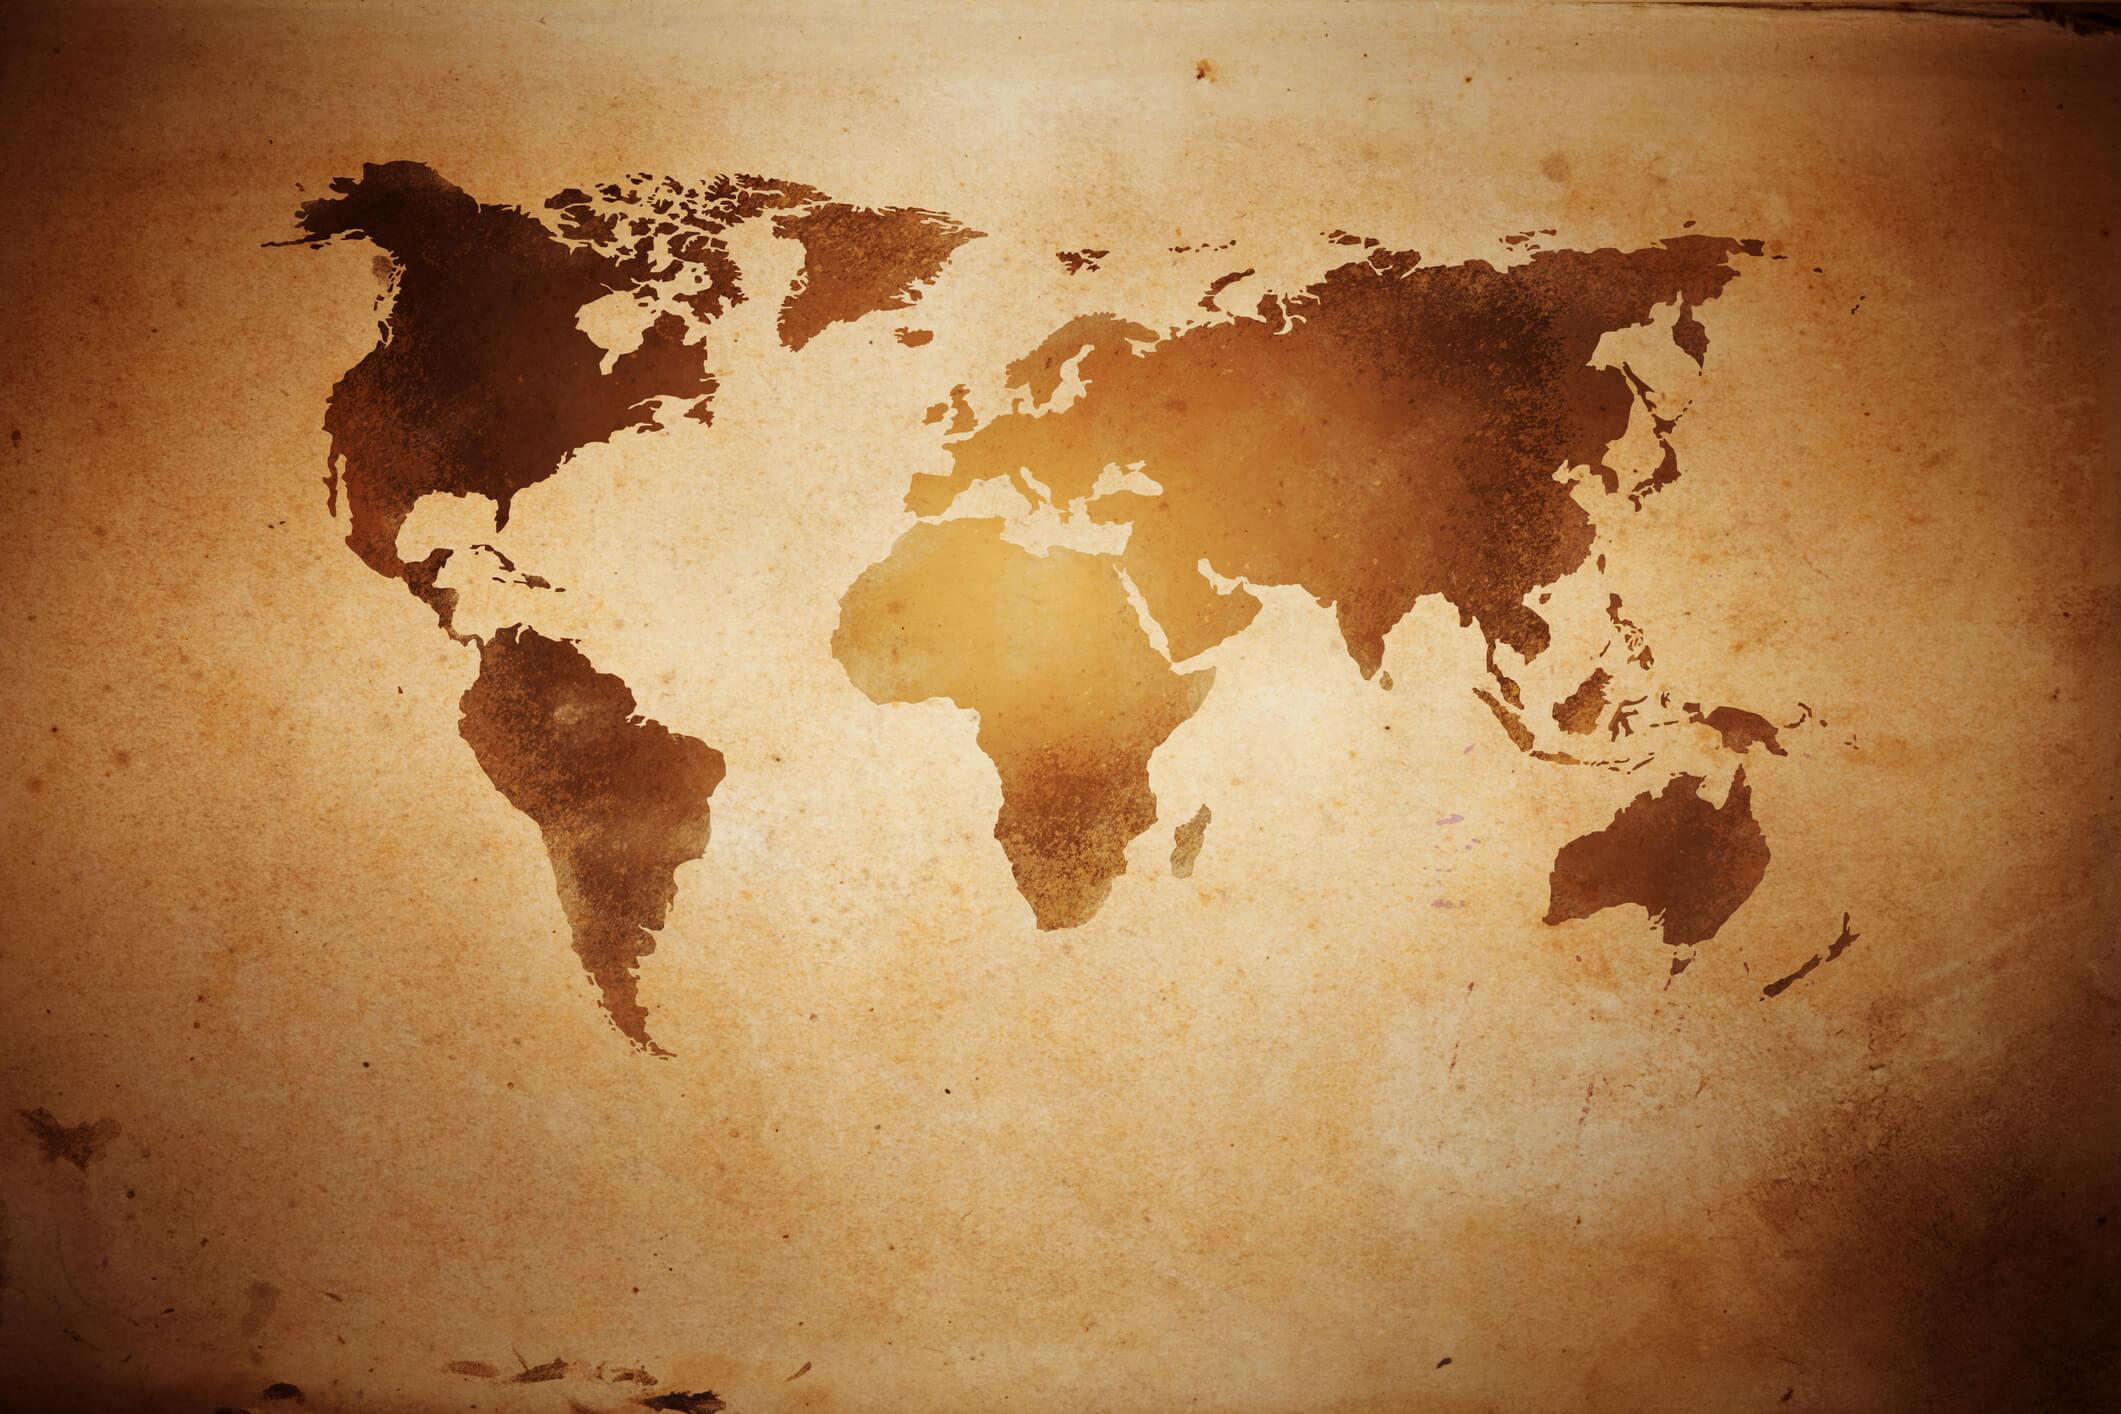 Pożółkła mapa świata